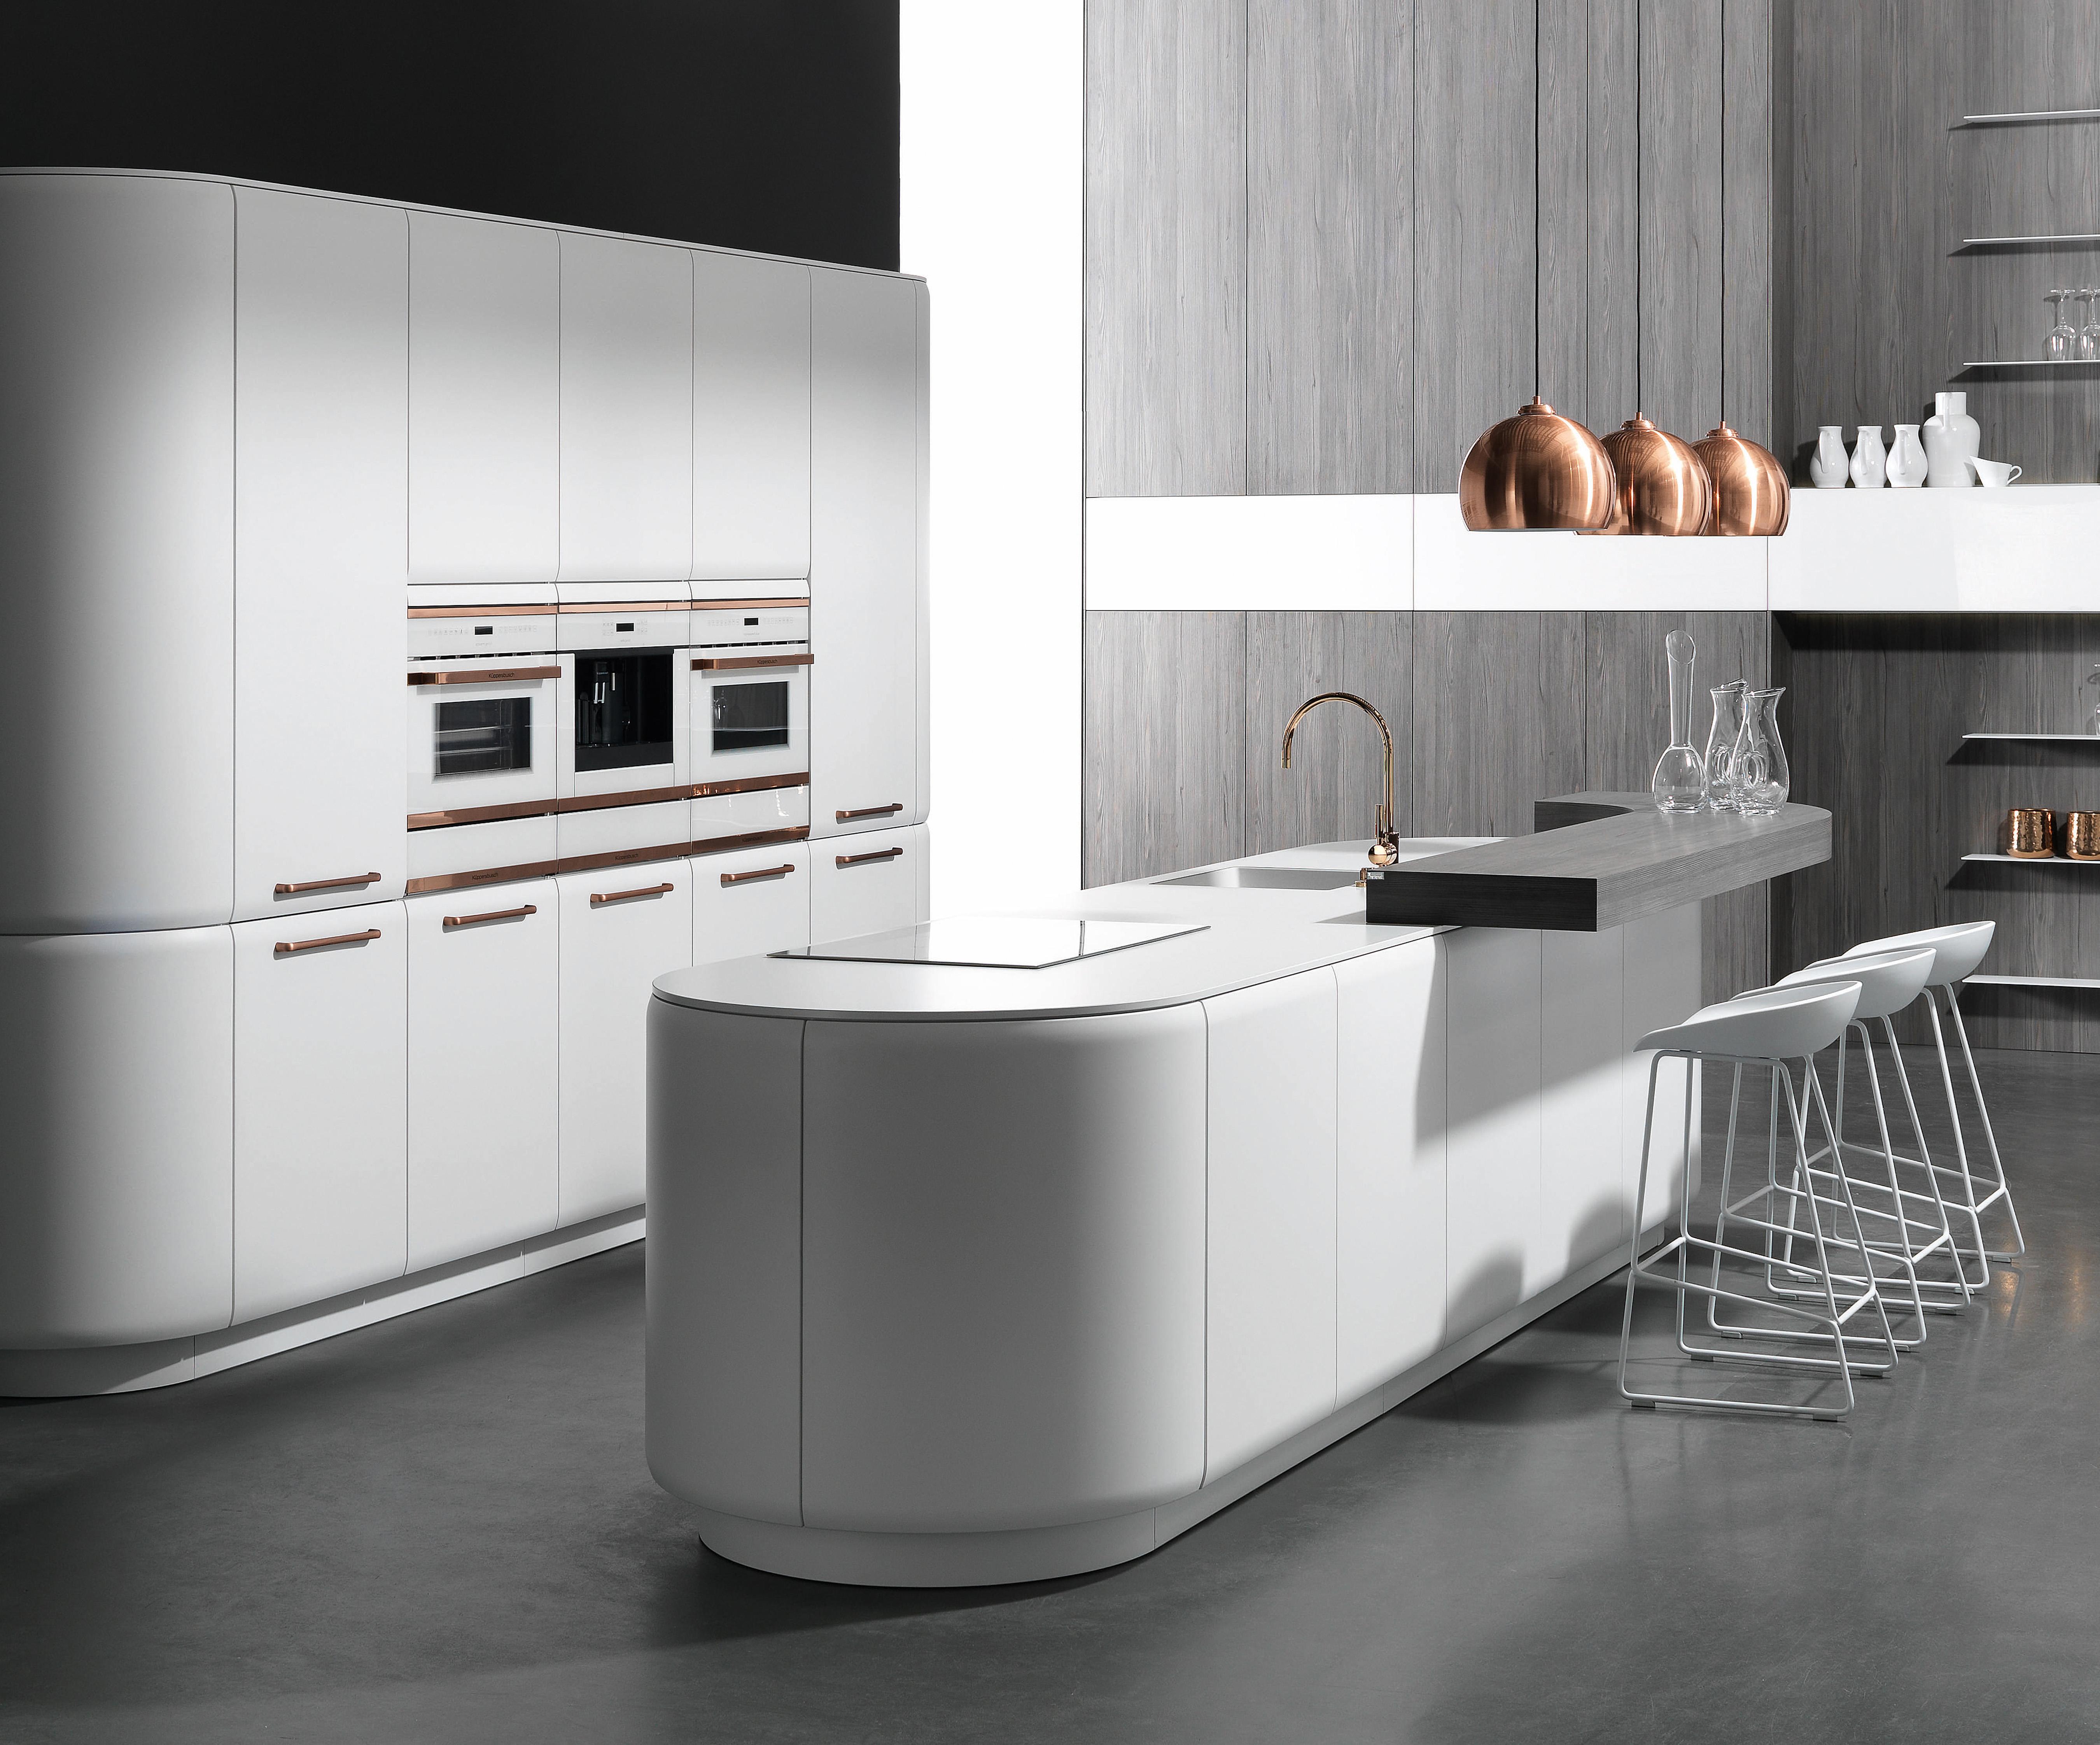 rational_design_onda-white-copper-thumb